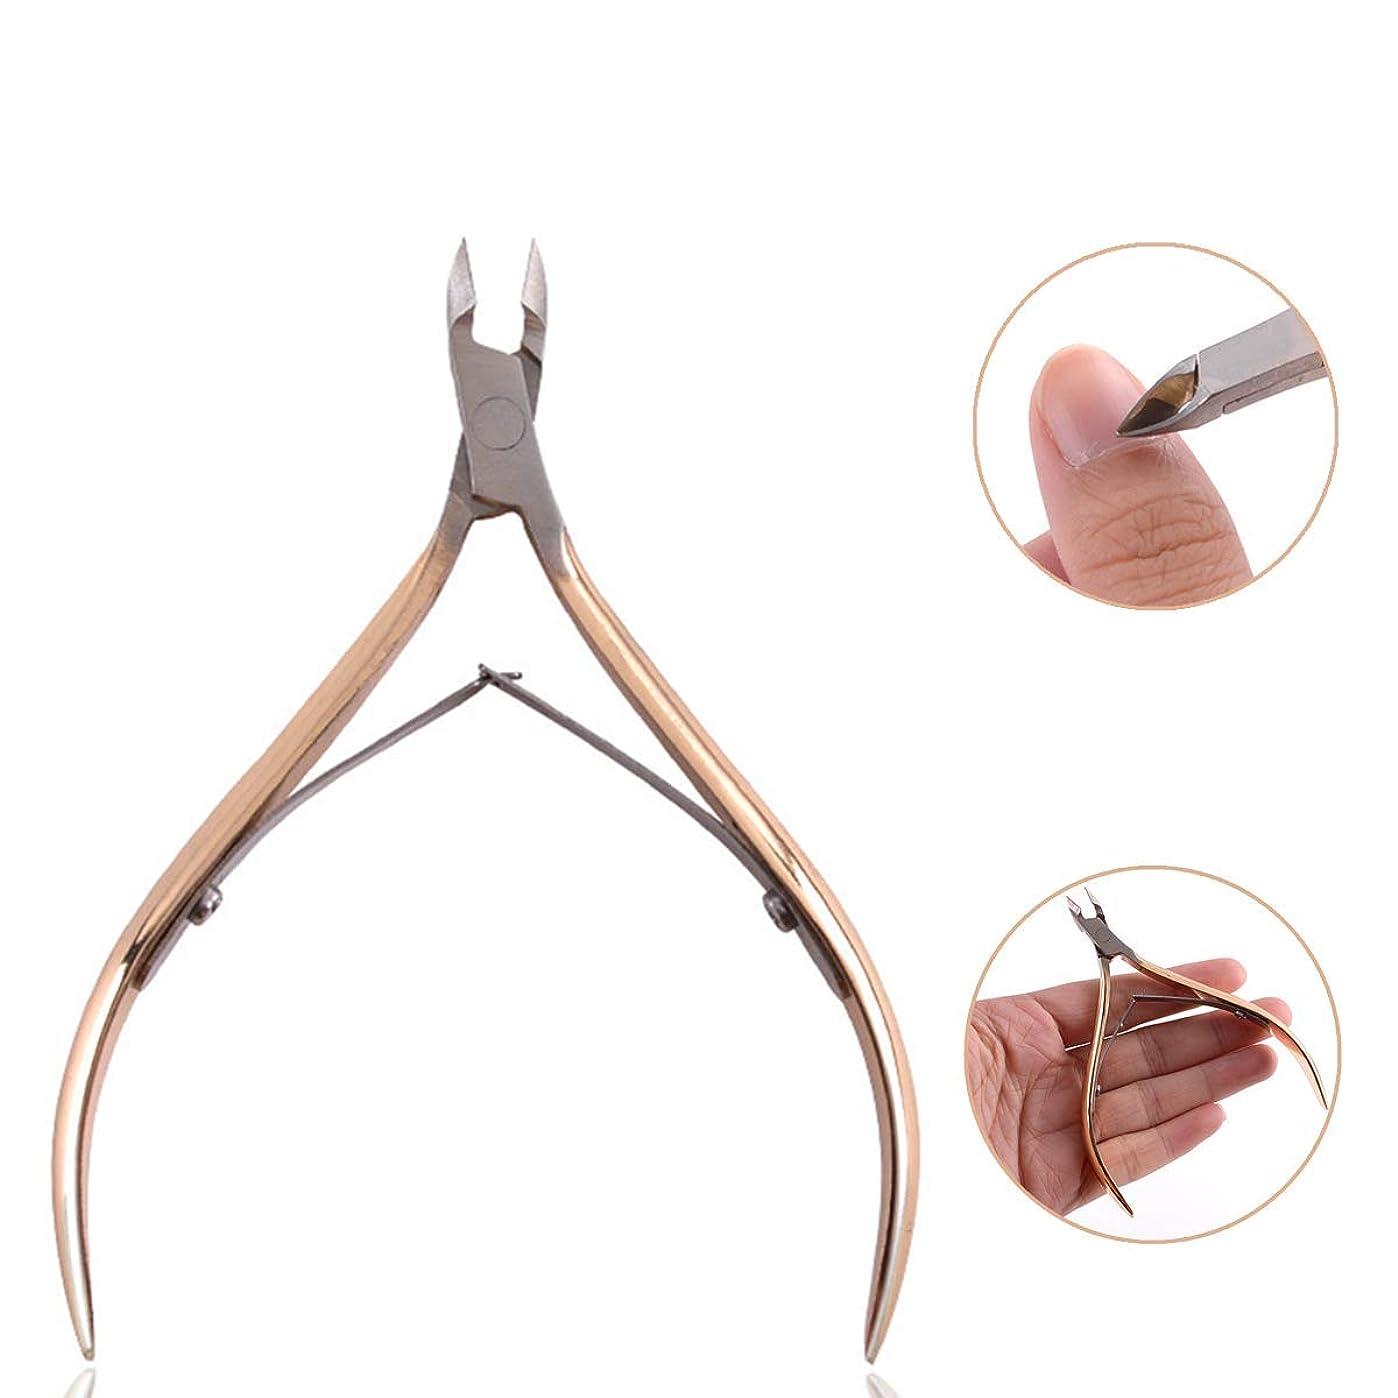 ニッパー爪切り 爪切り 甘皮切り ステンレス製 切れ味抜群 厚い爪 変形爪 陥入爪 巻き爪に 水虫爪最適 高齢者 医療 介護 高品質 ギフト